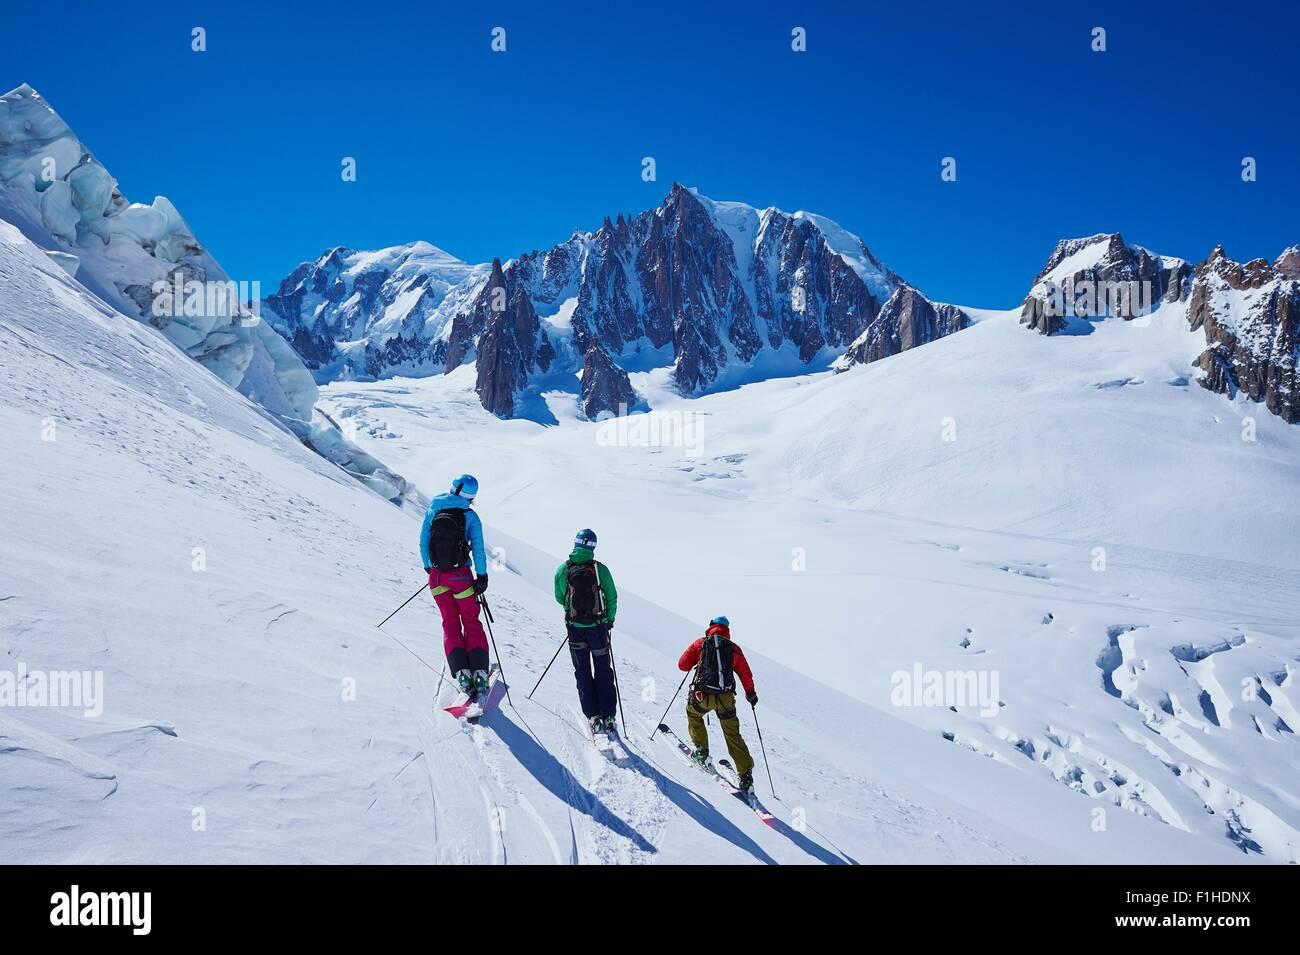 Trois skieurs adultes côte à côte sur le massif du Mont Blanc, Graian Alps, France Photo Stock